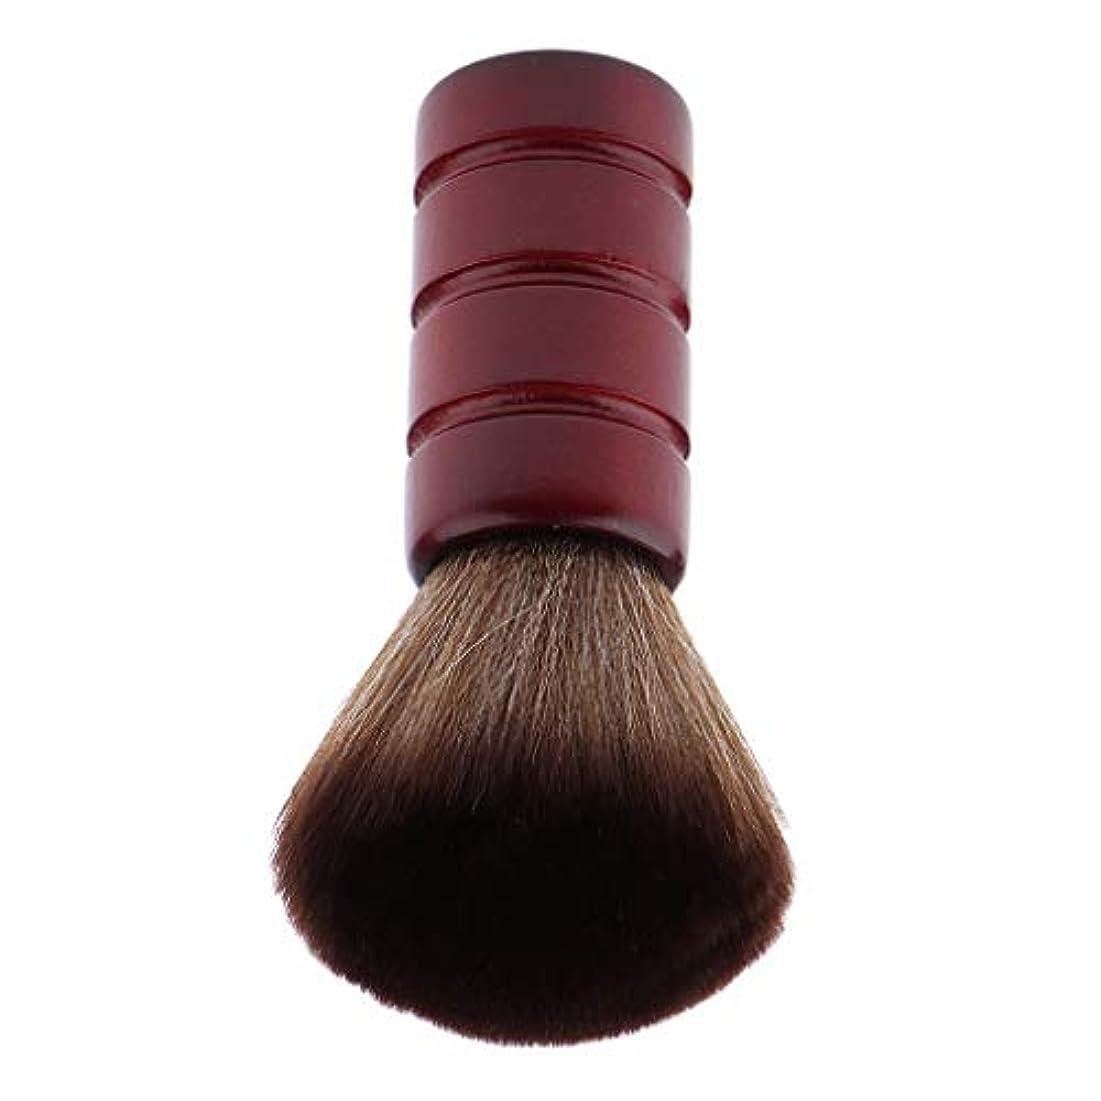 安全でない花輪おとなしいF Fityle バーバー ネックダスターブラシ 理髪 サロン 顔のダスターブラシ シェービング ヘアカット ブラシ